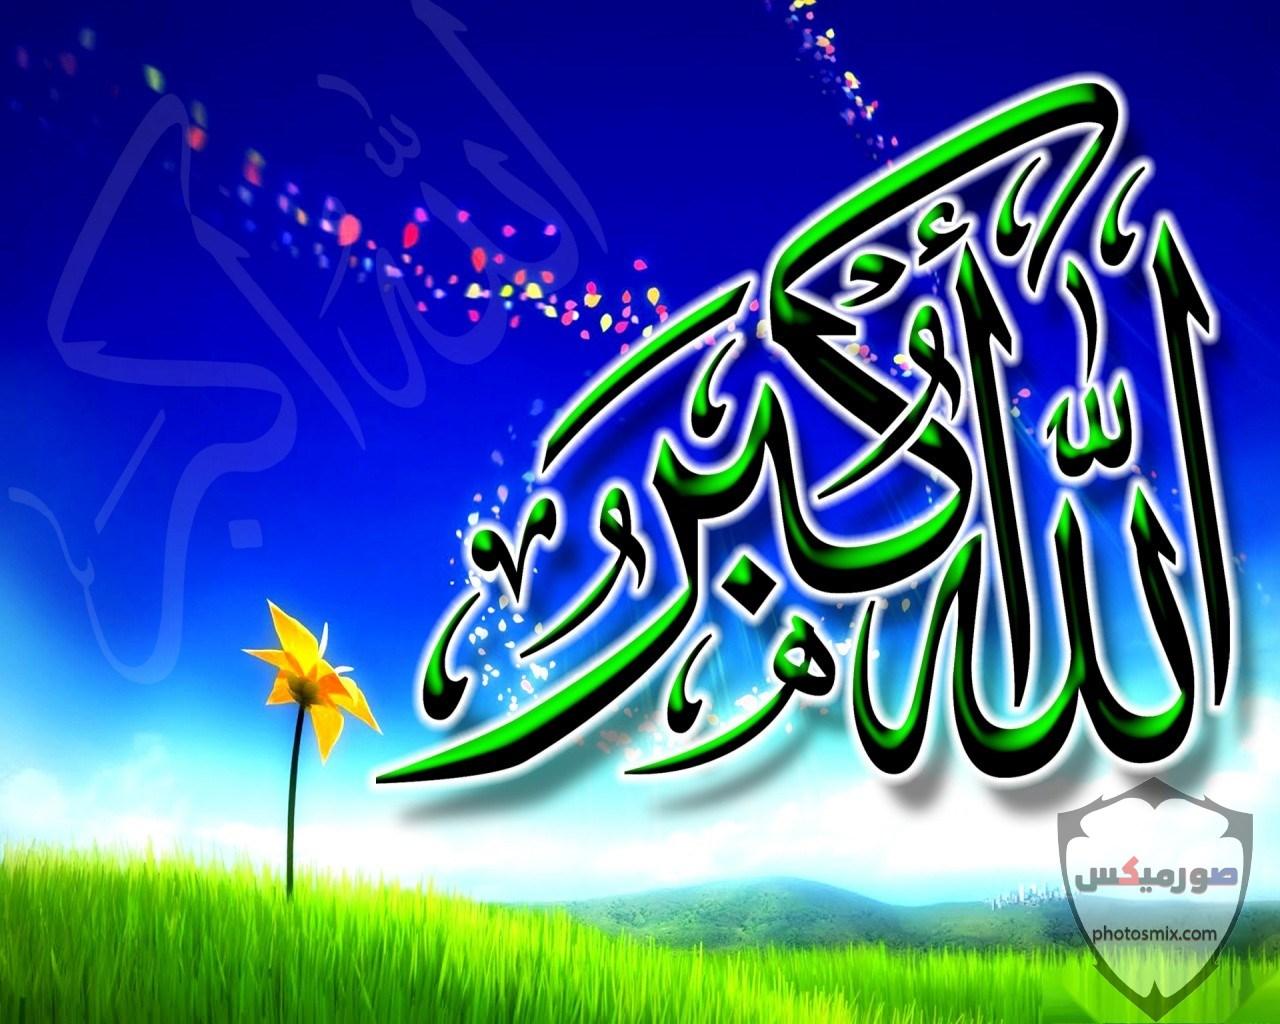 خلفيات دينية جميلة اجمل الصور والخلفيات الاسلامية 2020 تحميل صور دينية للموبايل 25